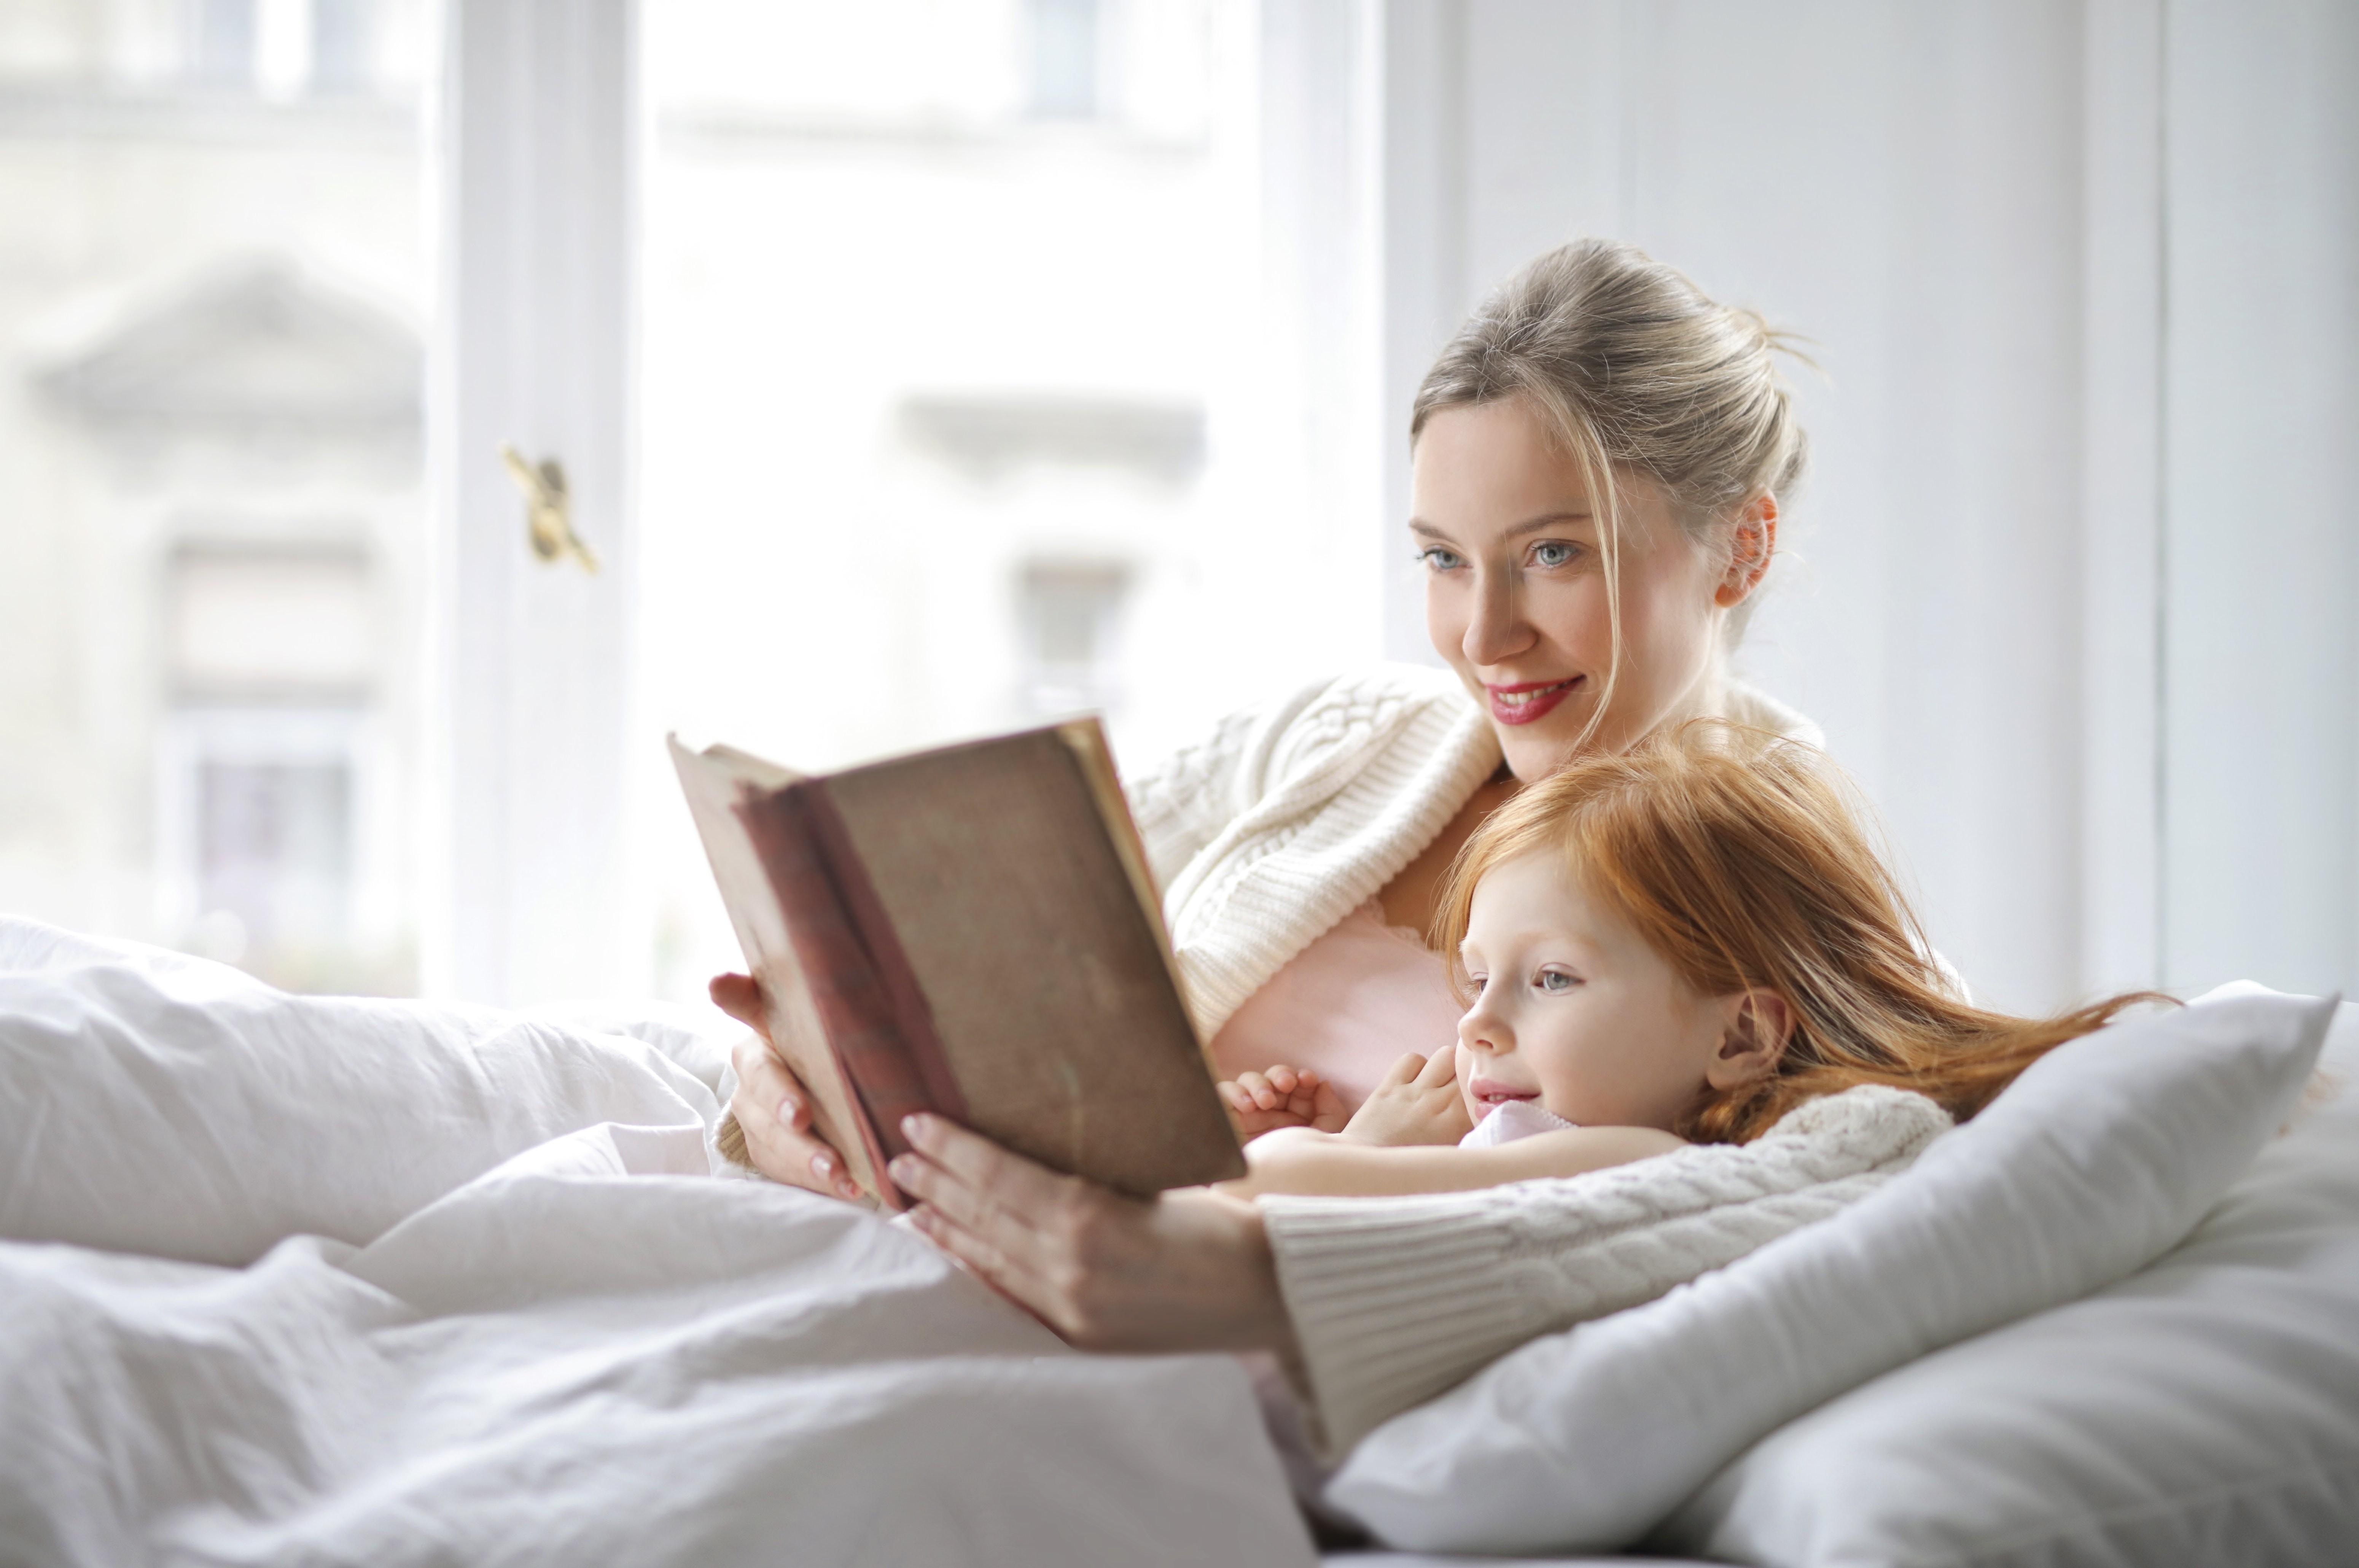 Мама работает: 4вдохновляющие истории, как открыть успешный бизнес вдекрете